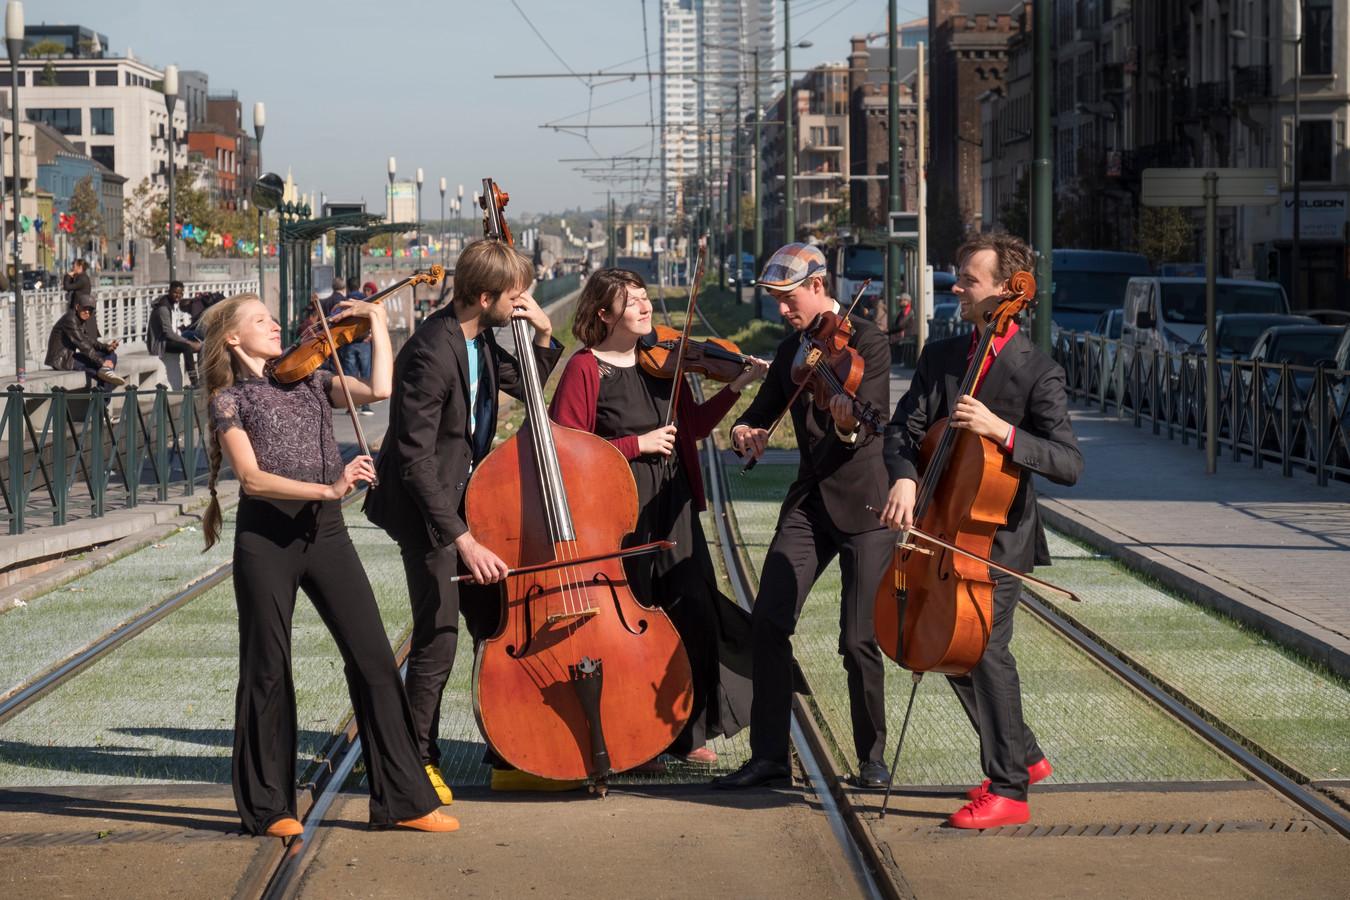 St. George Quintet neemt het publiek op een muzikale reis